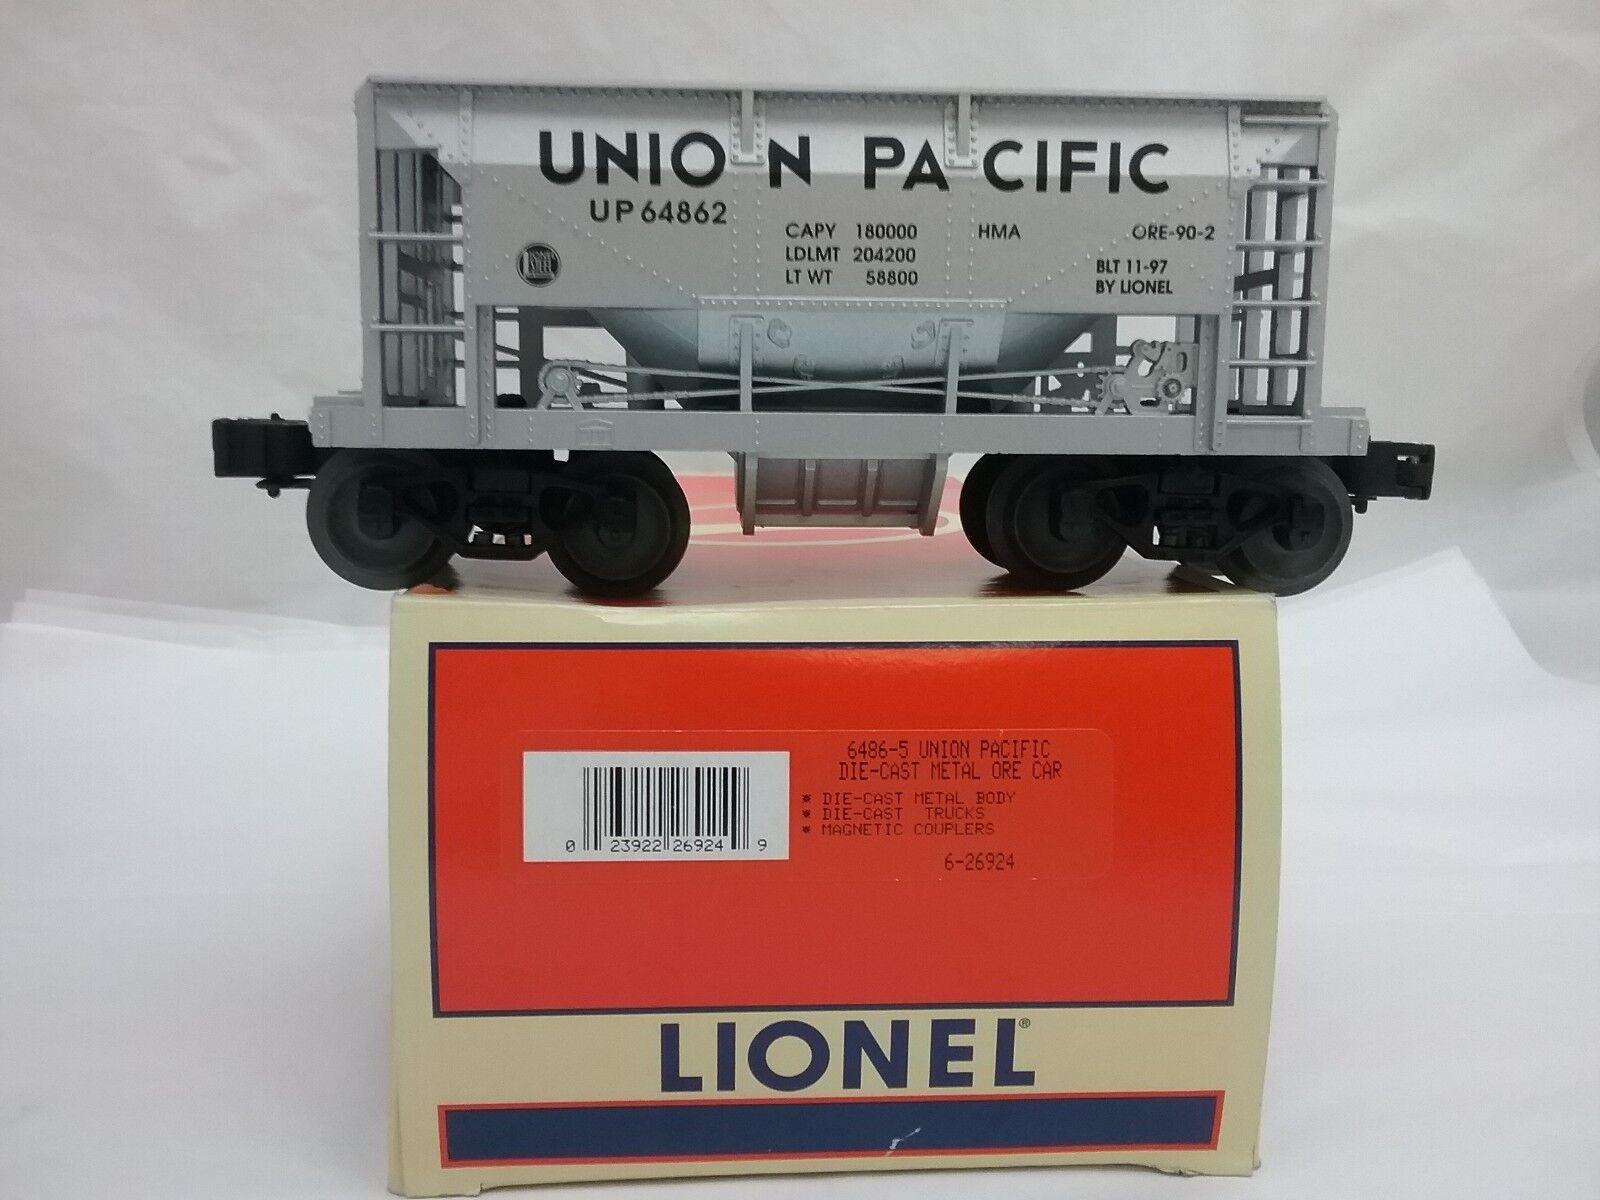 Lionel 6-26924 Die-Cast Metal Ore Car Union Pacific